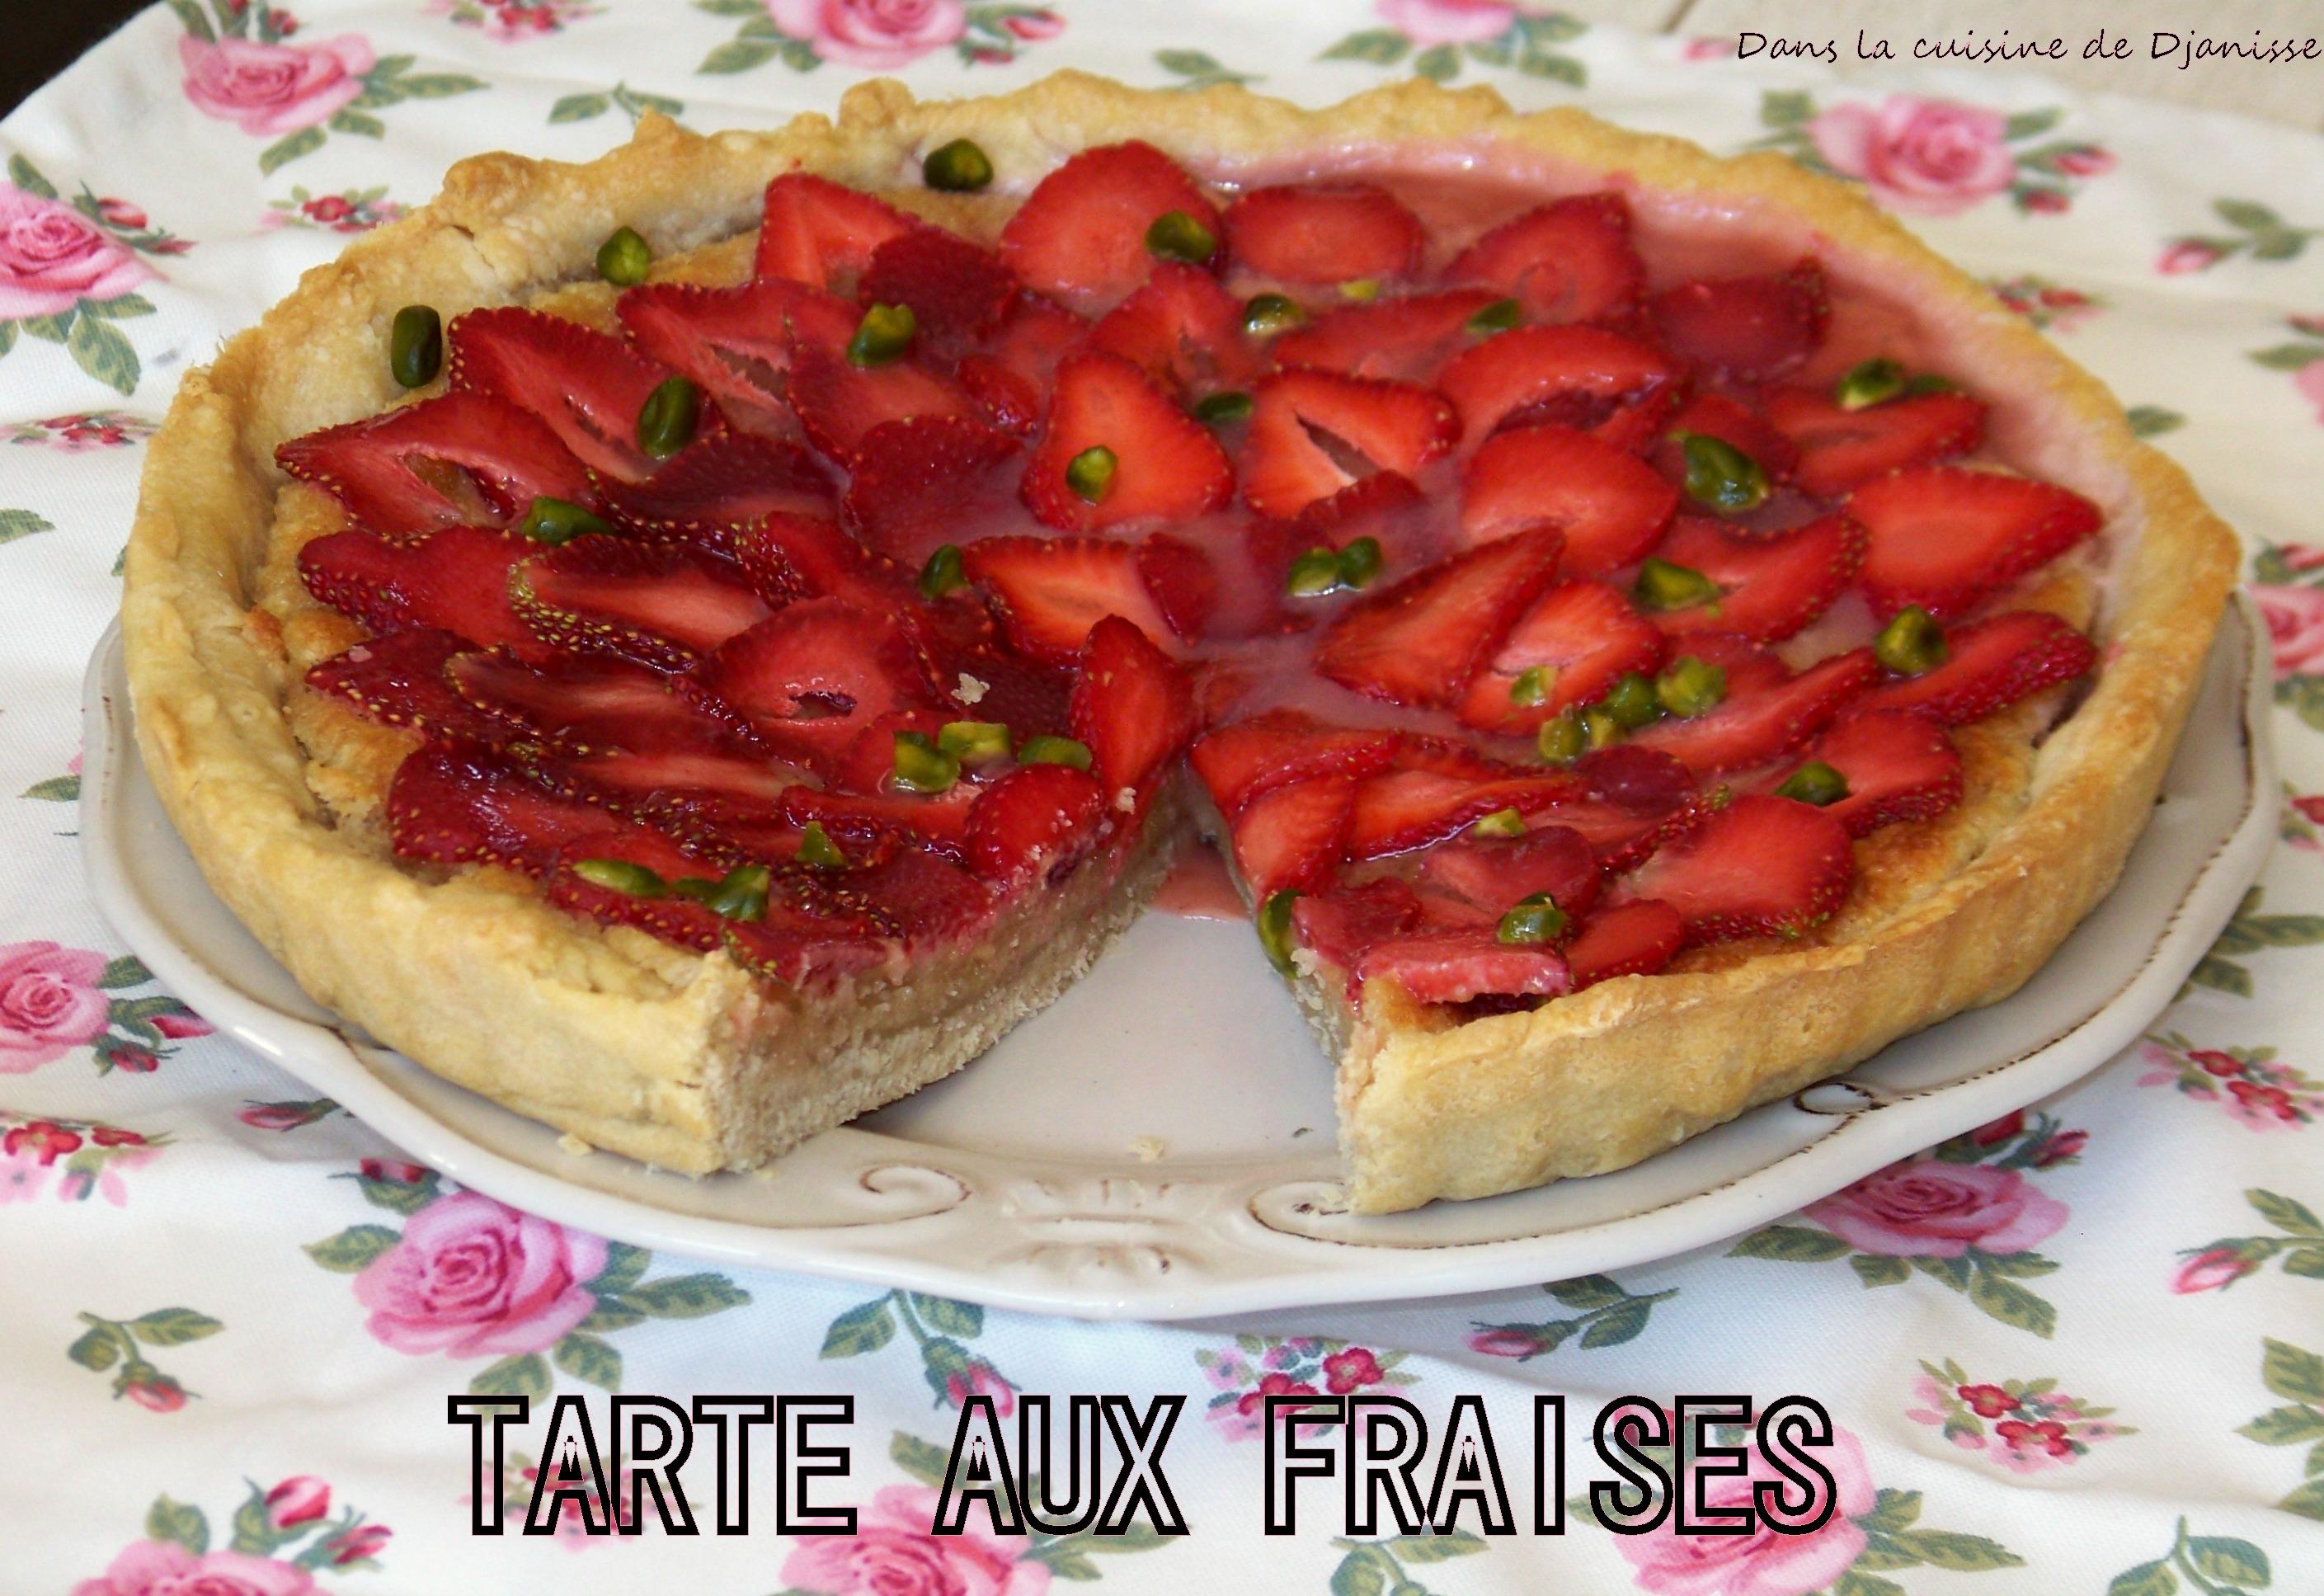 Tarte Aux Fraises Vegetalienne Recipes — Dishmaps